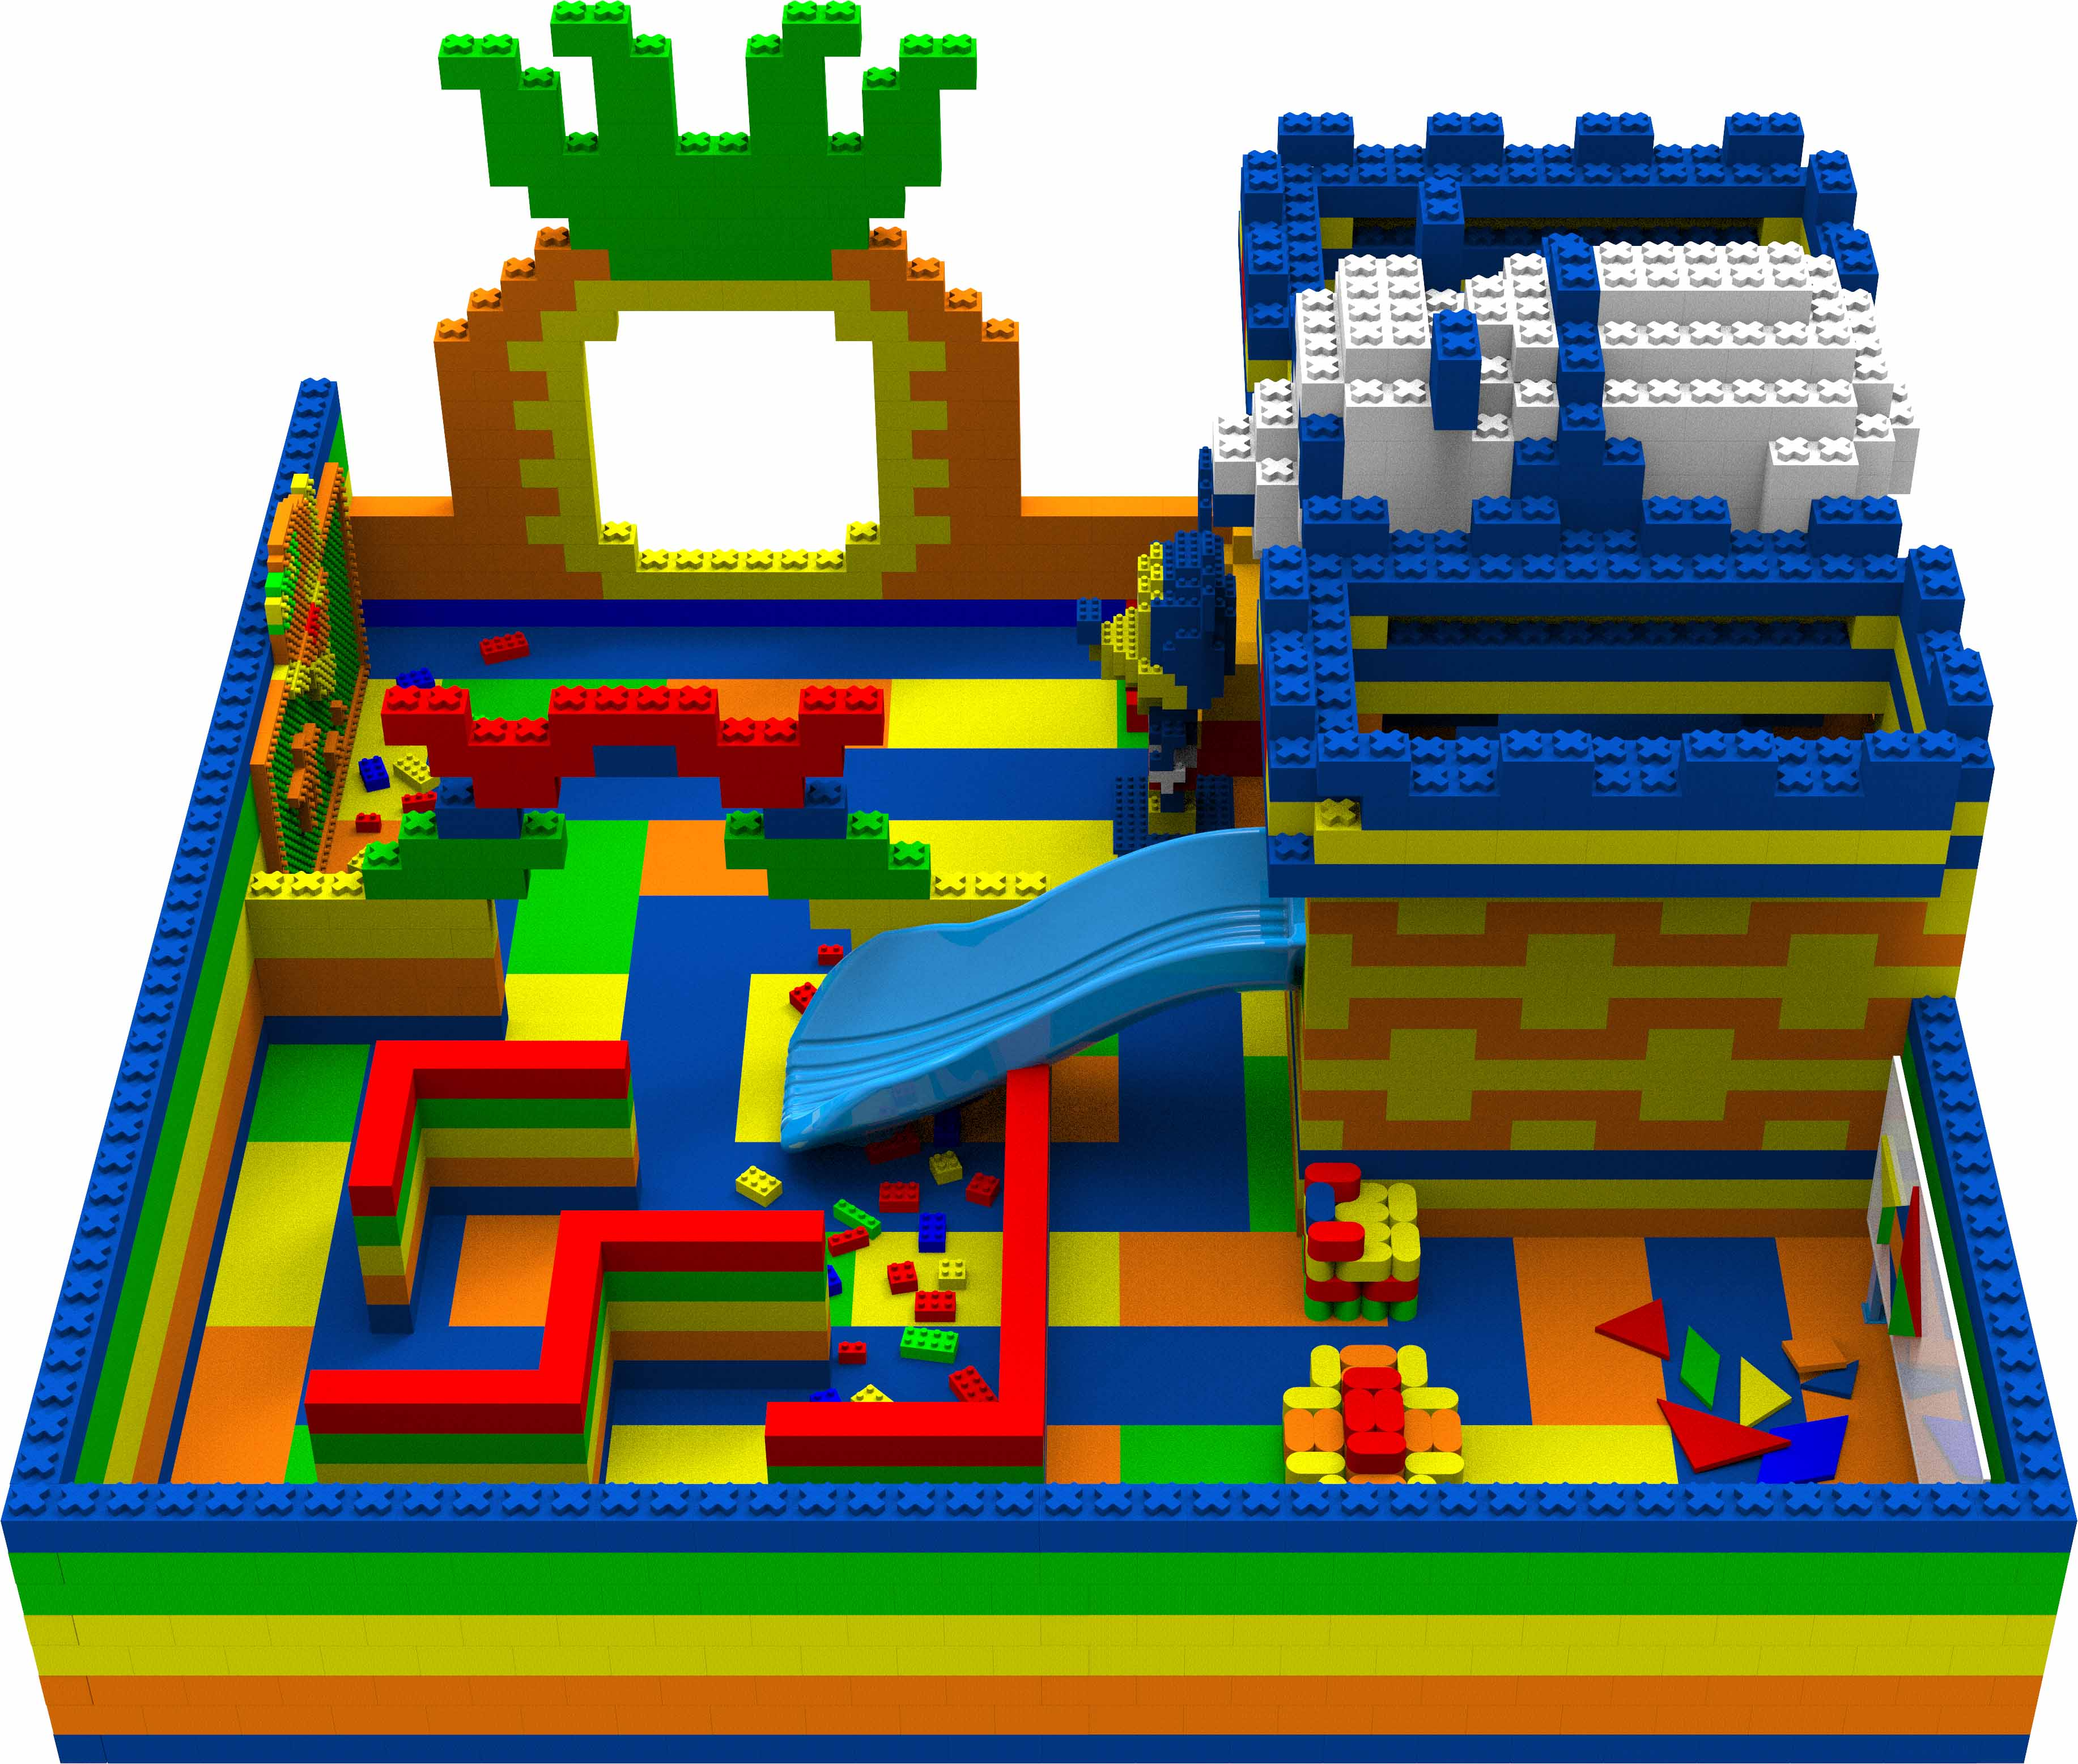 幼儿园大型epp智力方块积木乐高拼搭组合玩具储物柜儿童椅游乐园